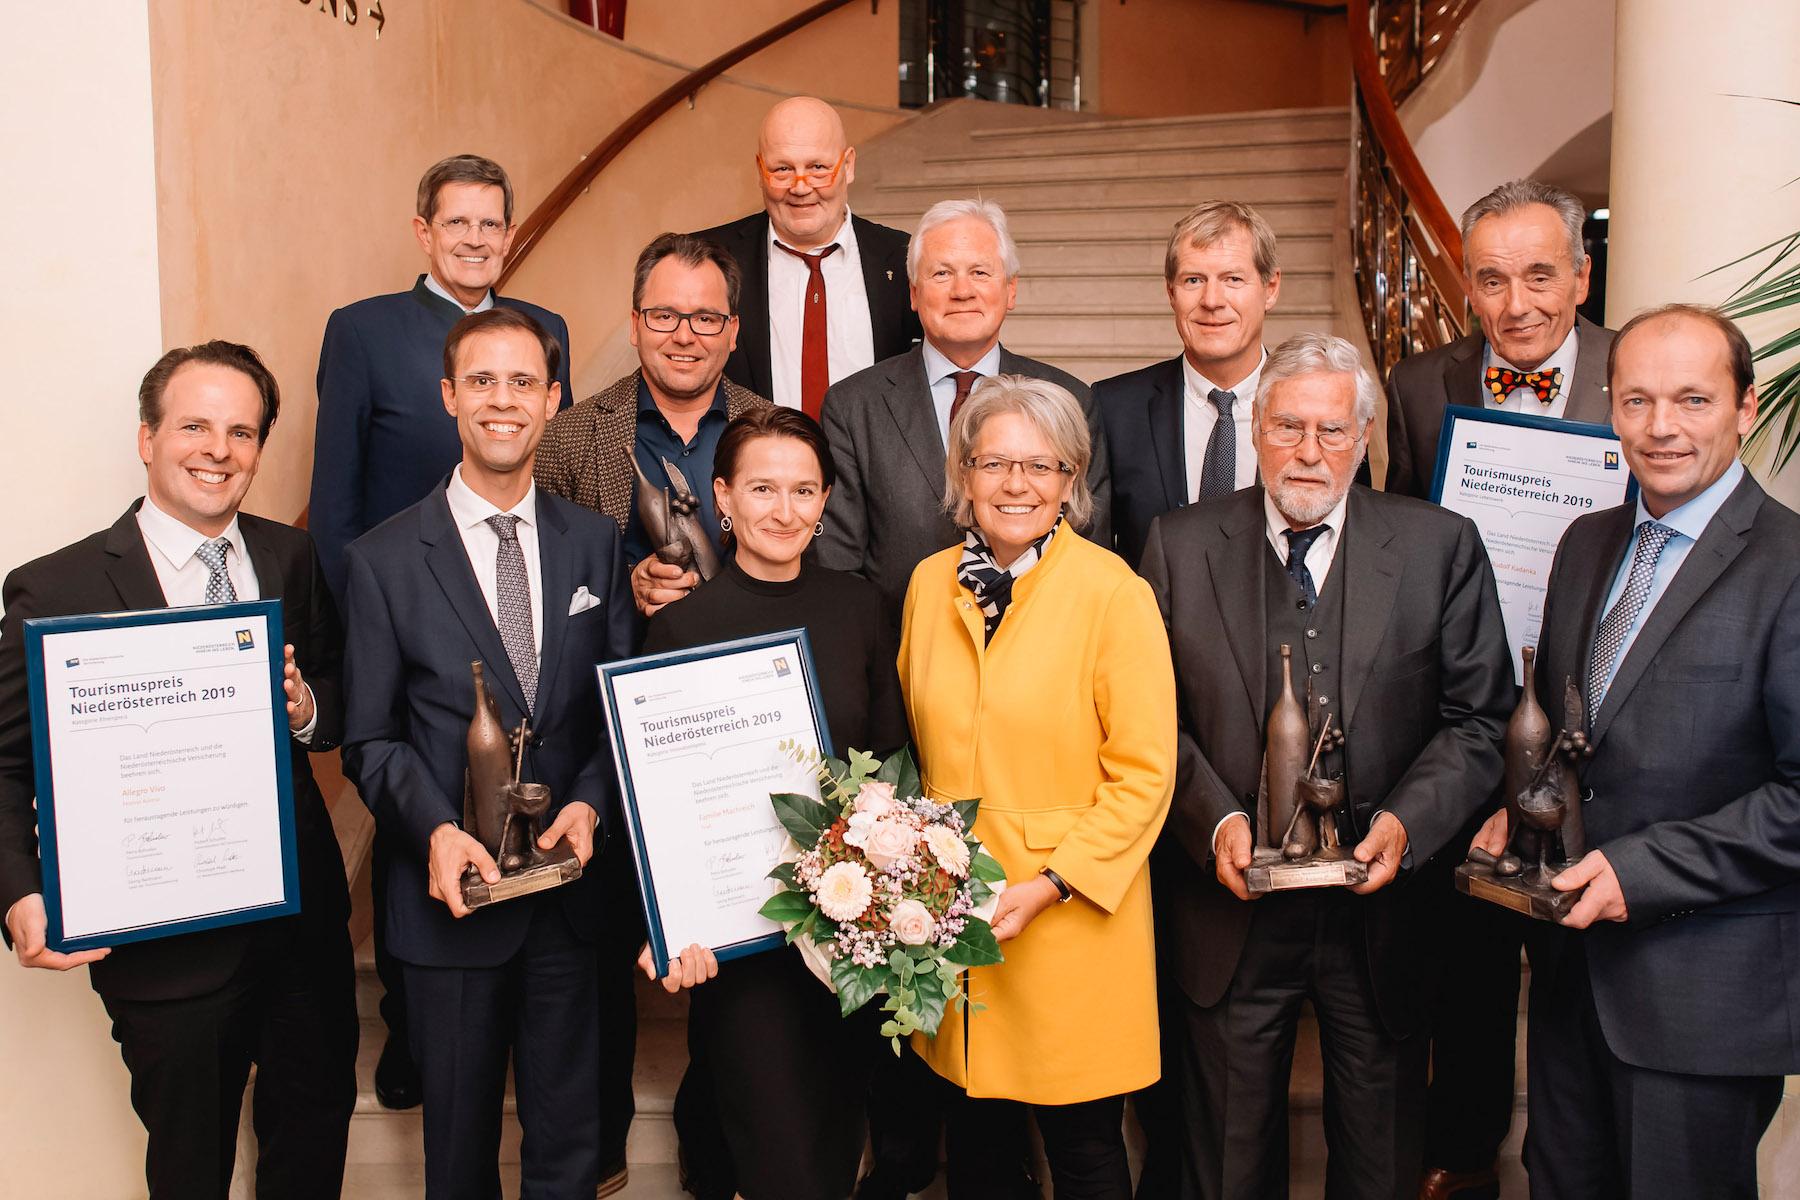 NÖ Tourismuspreise 2019 verliehen